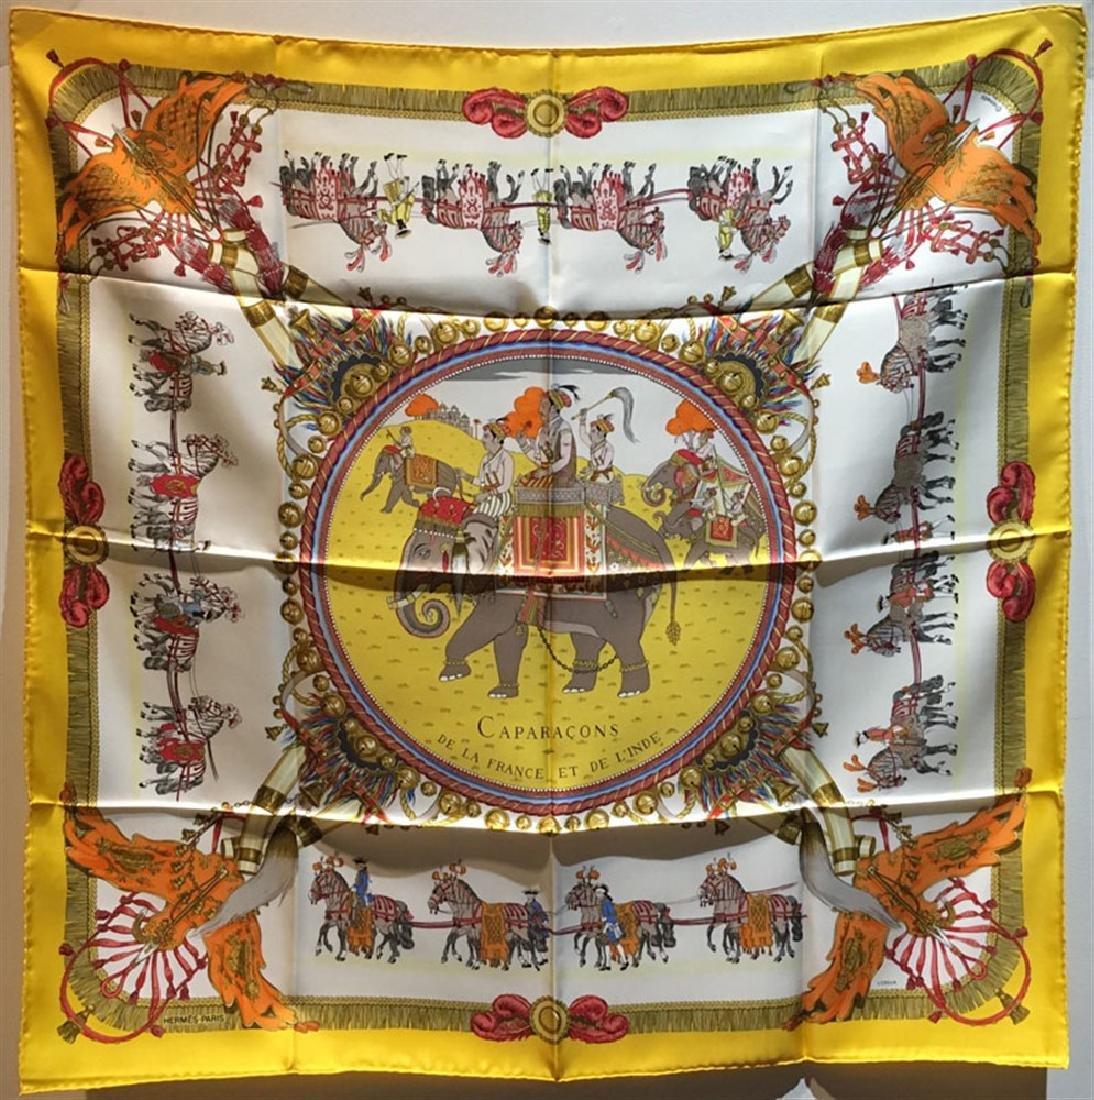 Hermes Vintage Caparacons de la France Silk Scarf in